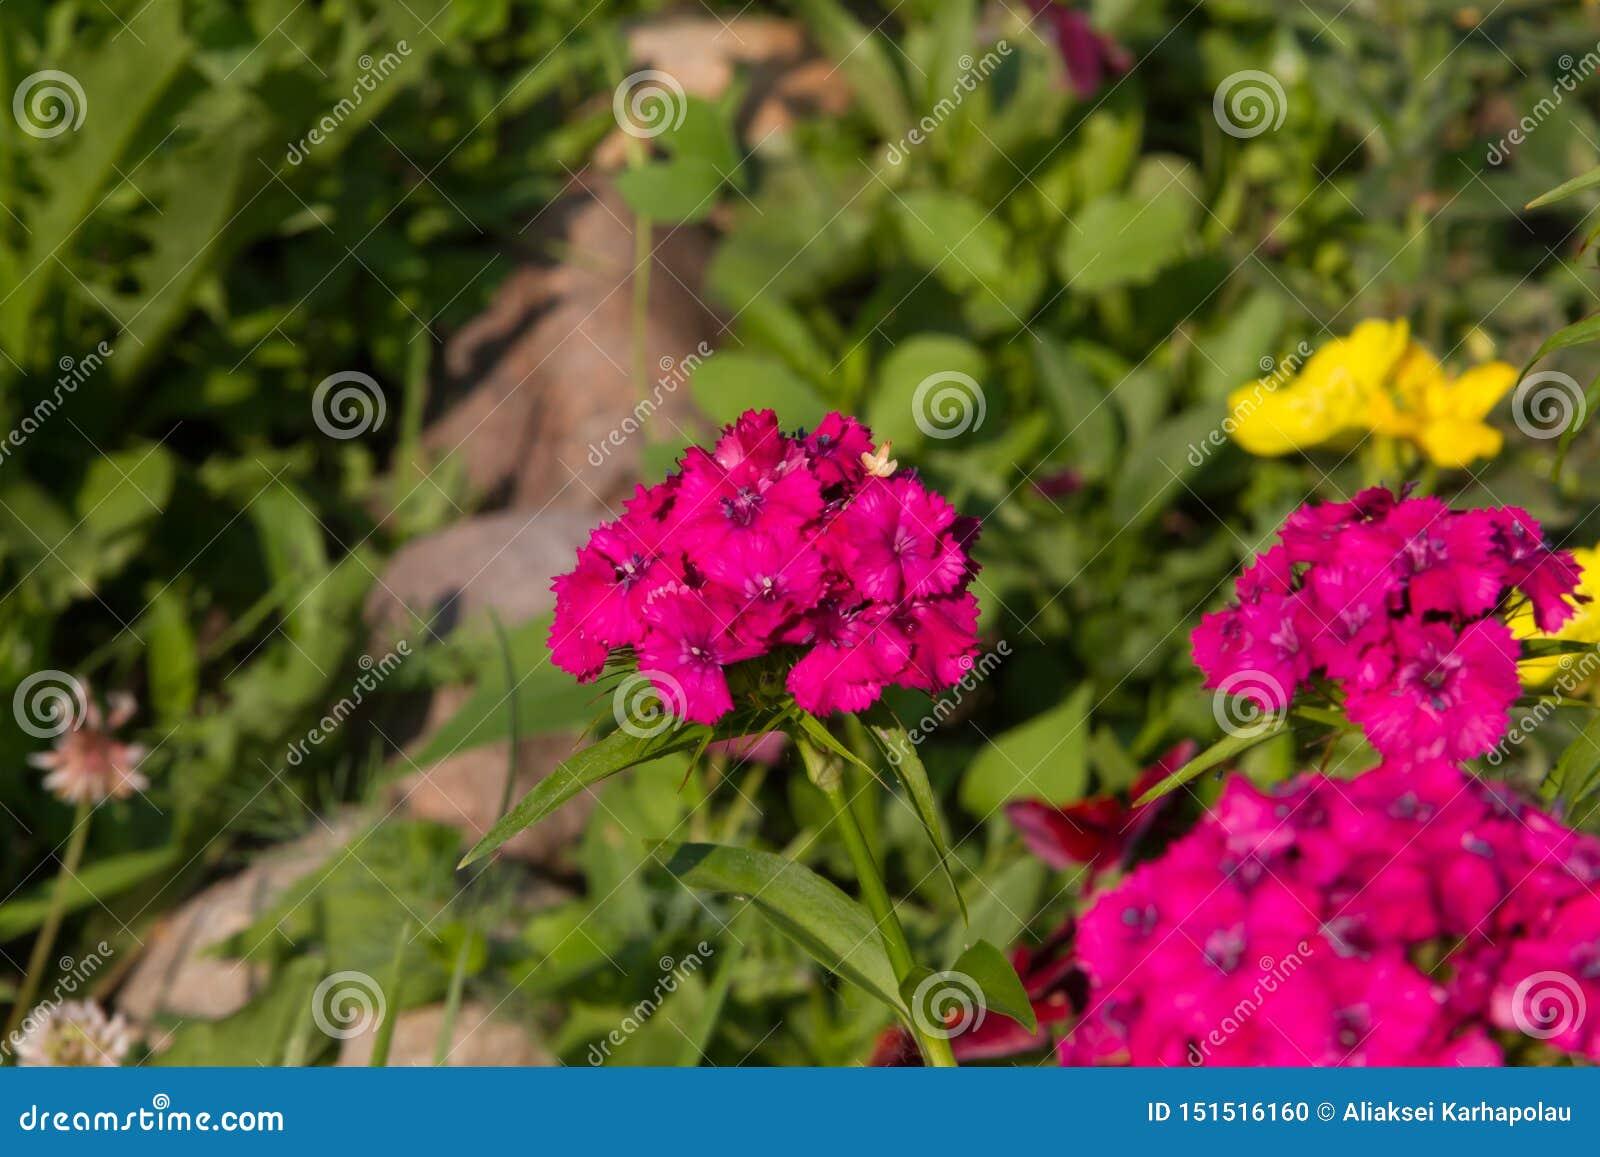 Flores bonitas do cravo turco no jardim ensolarado do verão